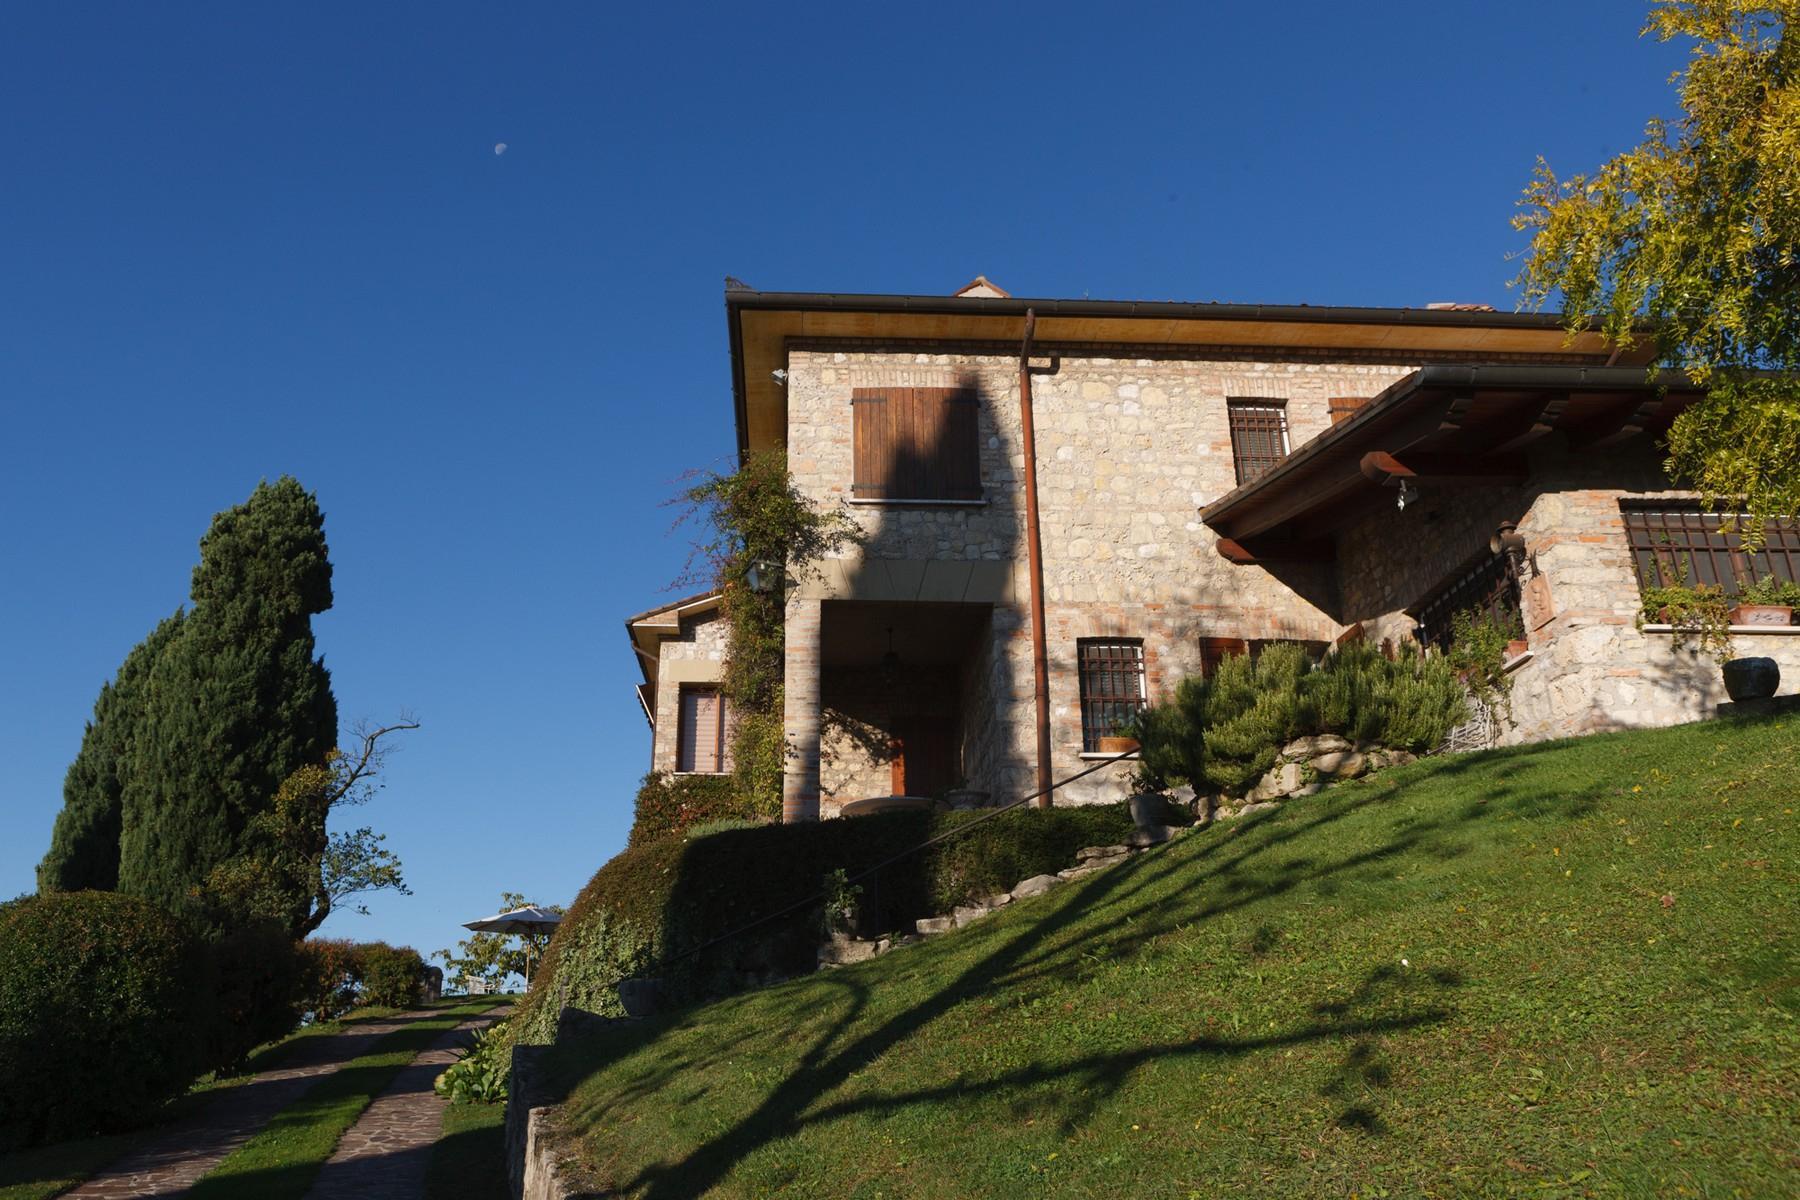 Spettacolare villa con piscina con vista totale sui colli asolani - 13